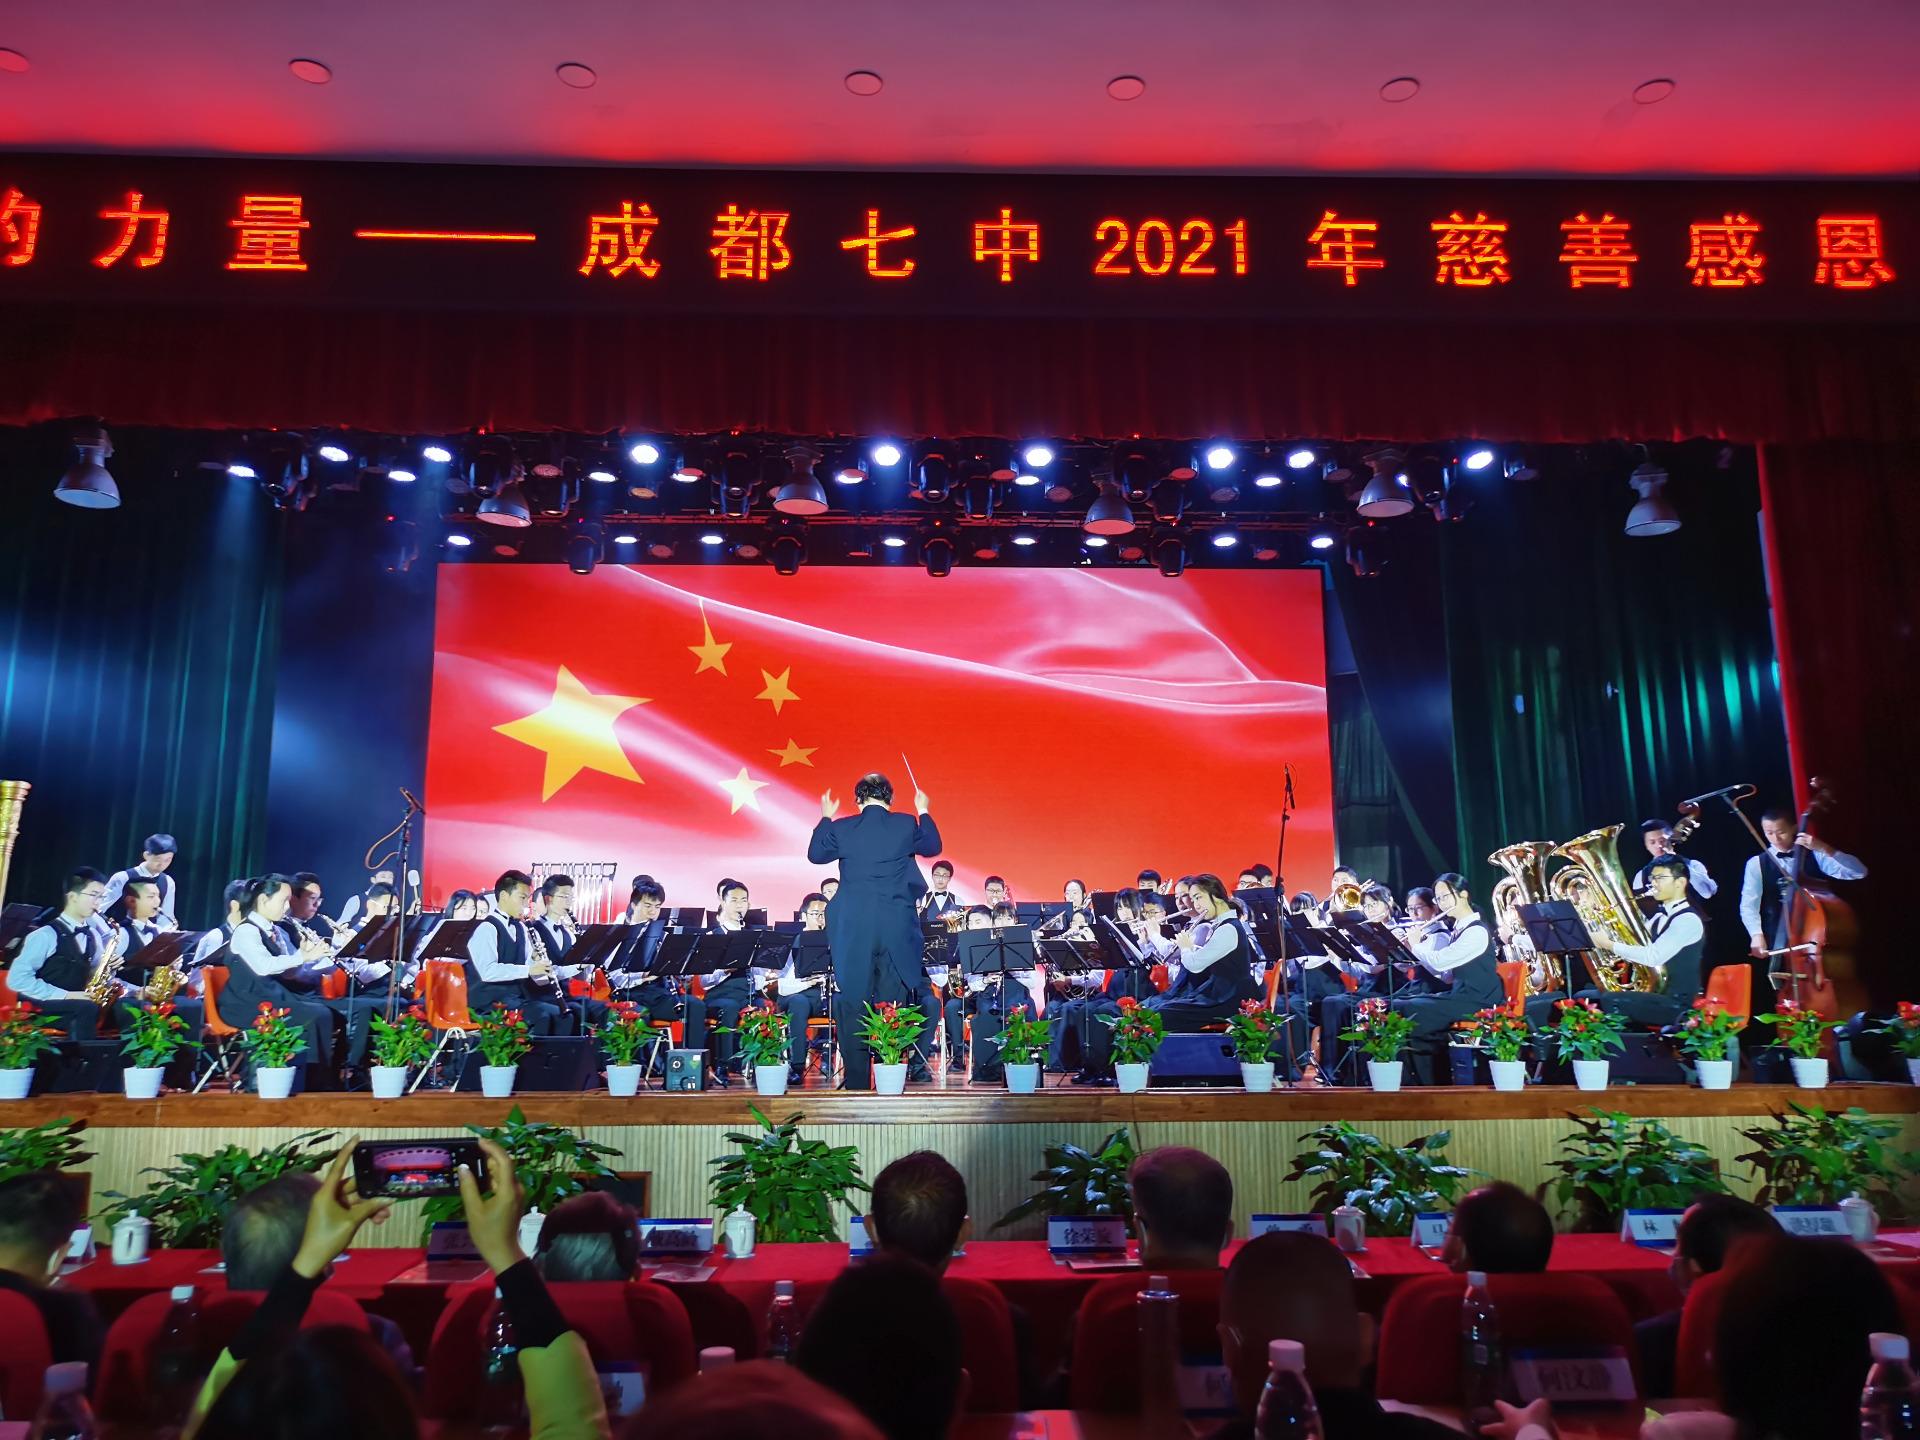 """今日快讯—祝贺""""公益的力量""""成都七中2021年慈善感恩会暨建校116周年..."""